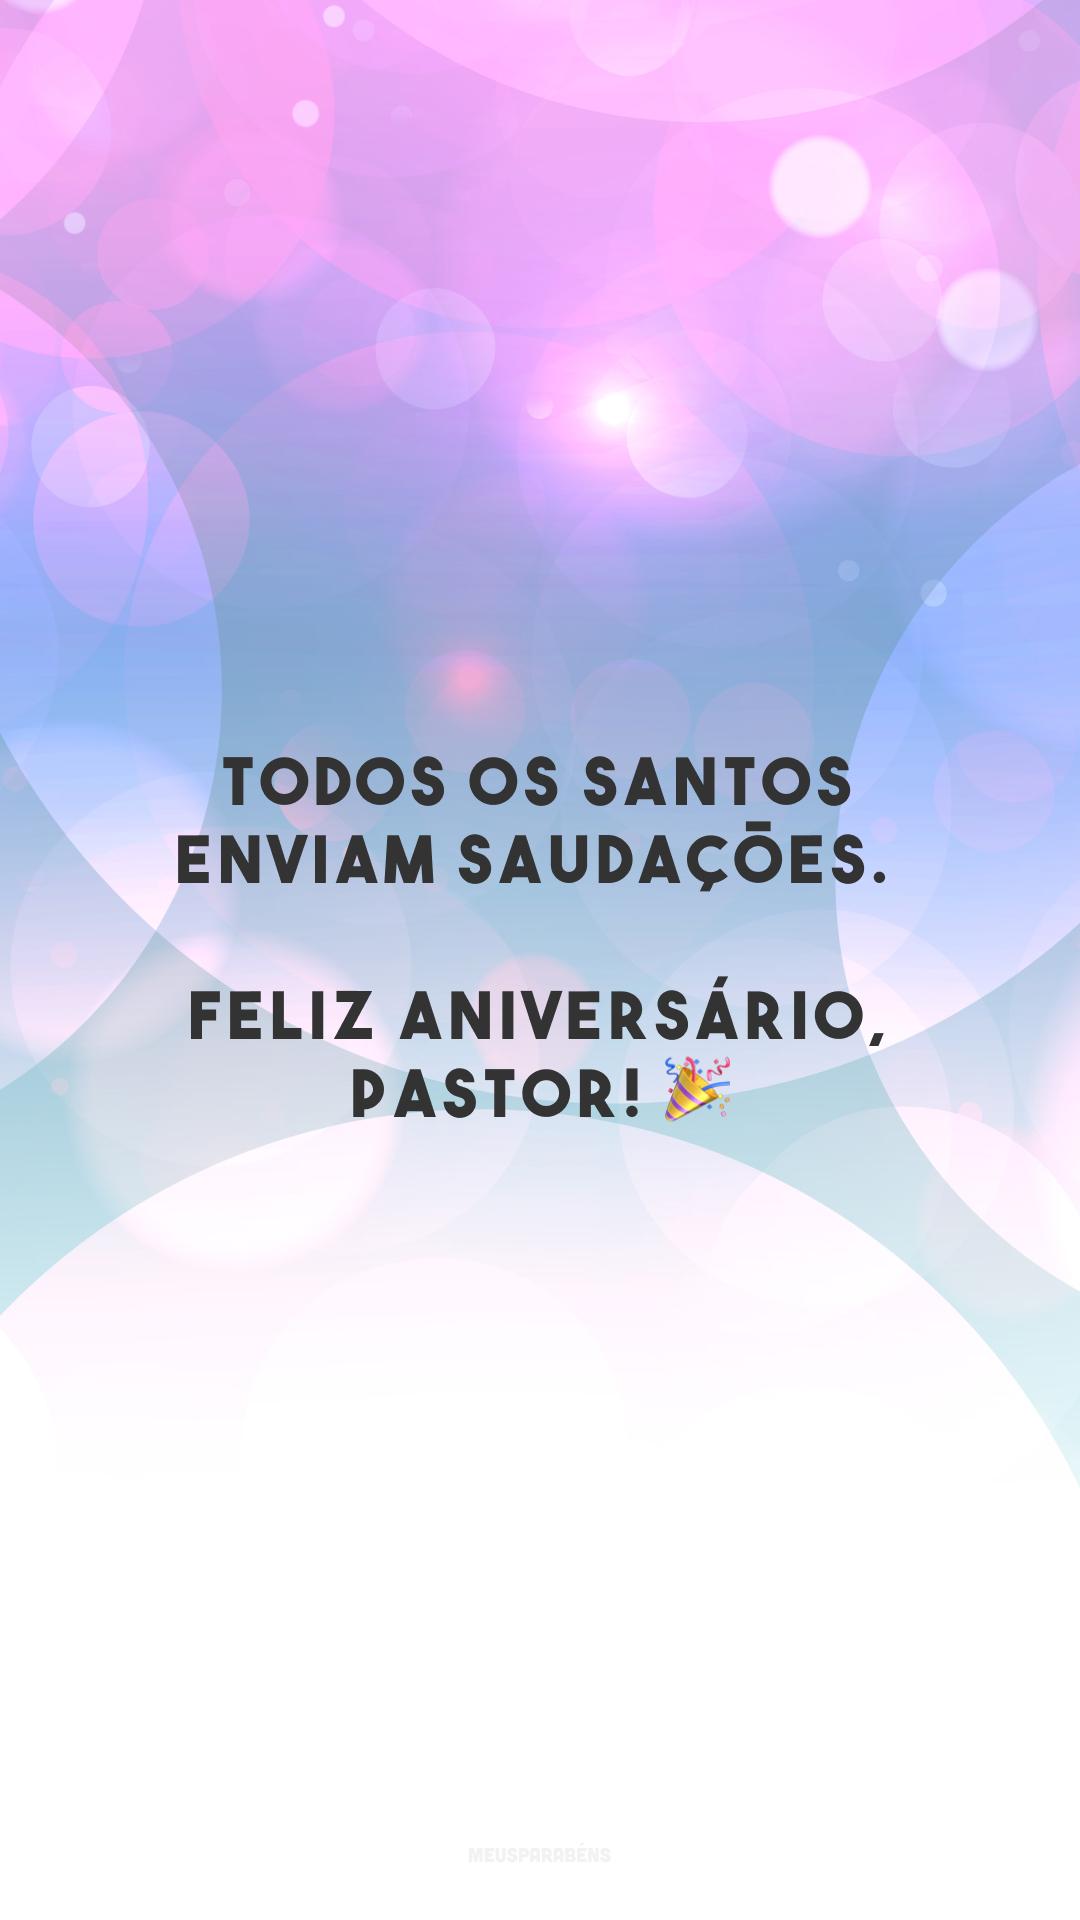 Todos os santos enviam saudações. Feliz aniversário, pastor! 🎉